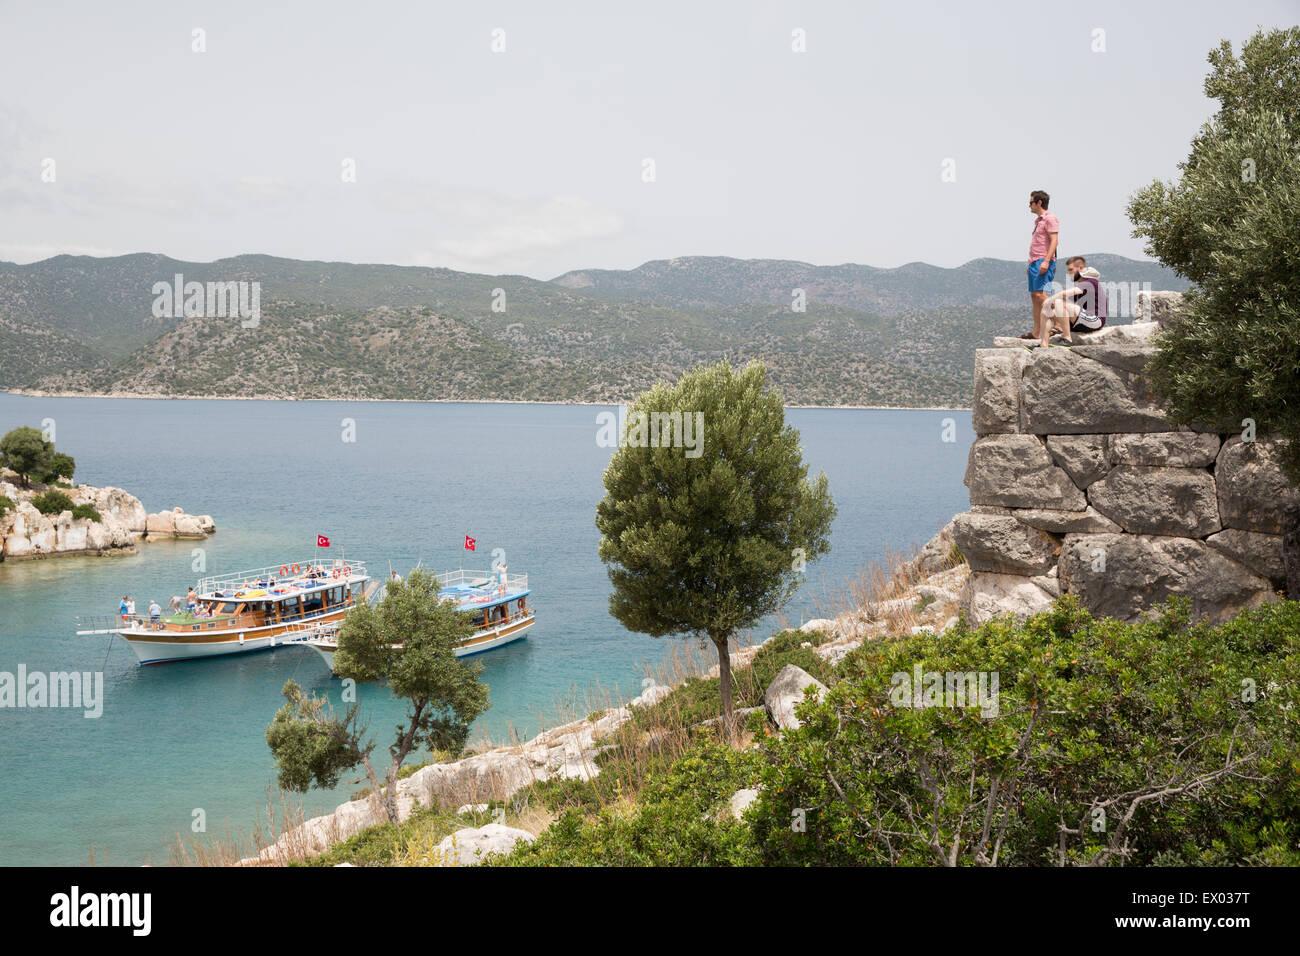 Dos hombres mirando hacia la costa en la Vía Lycian, Turquía Foto de stock